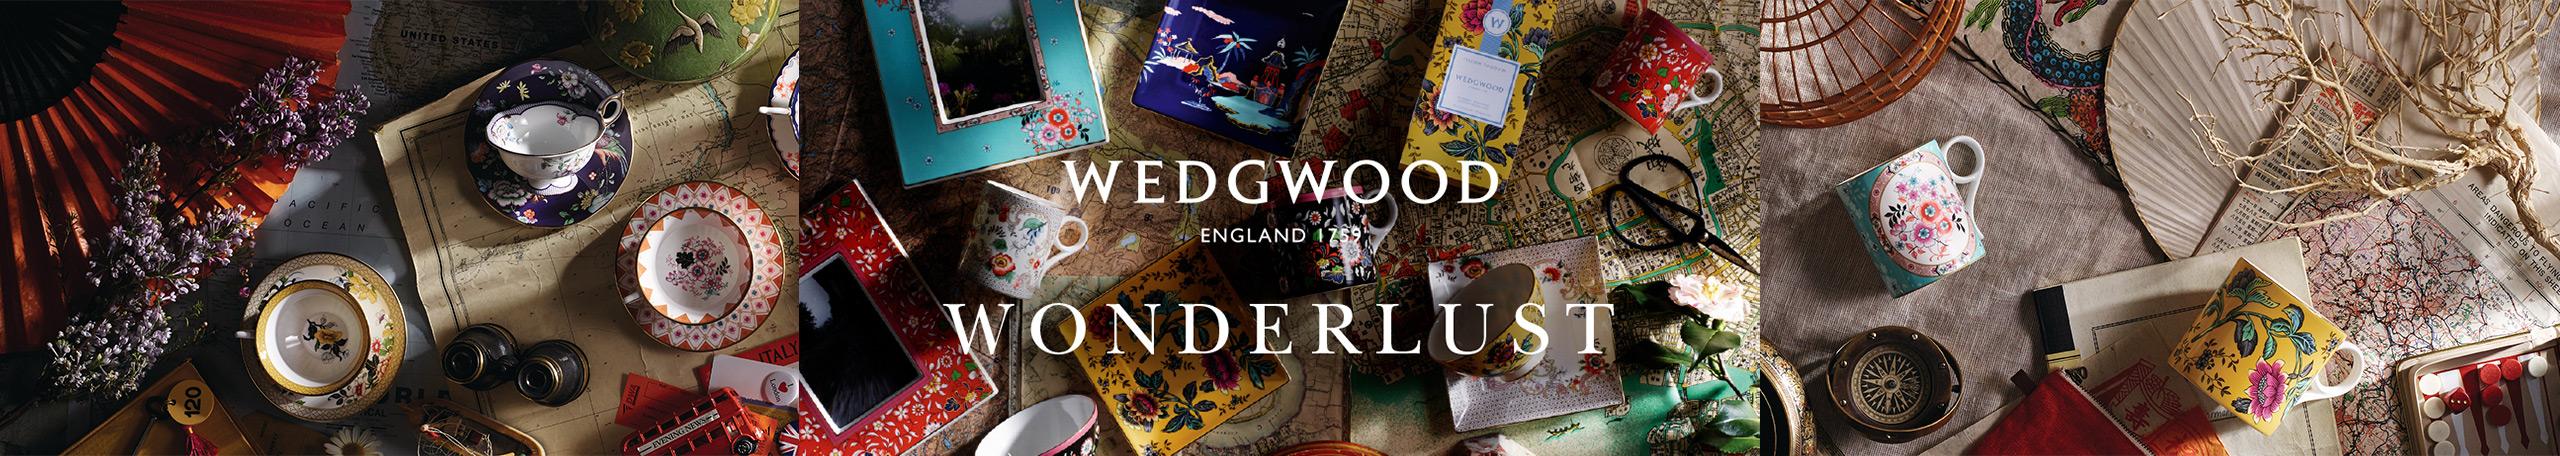 Wedgwood Woderlust